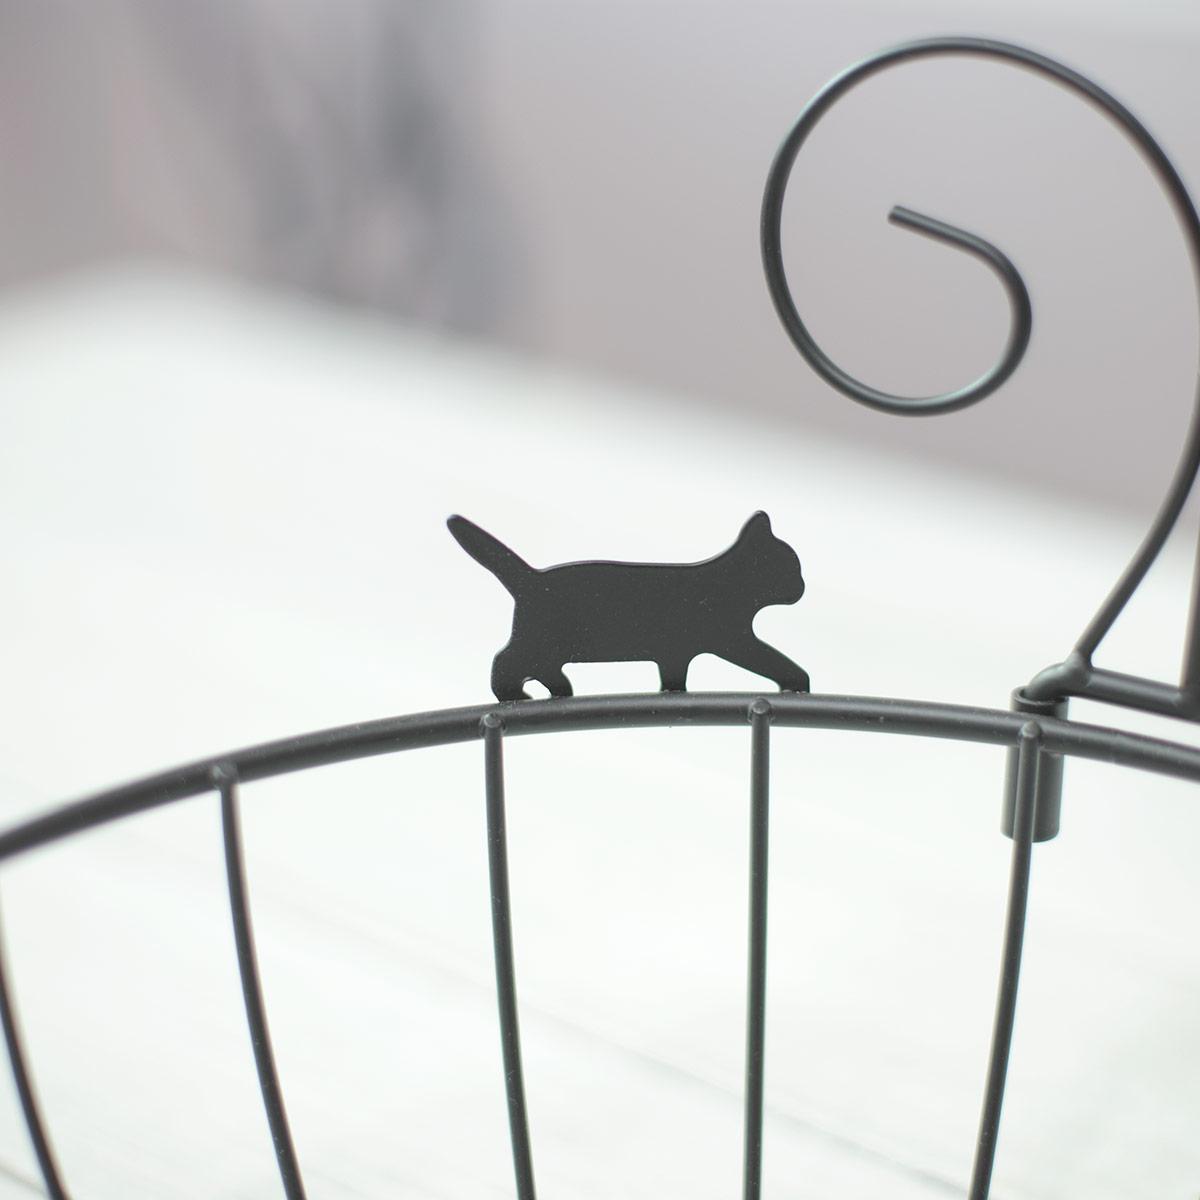 왼쪽 고양이 장식 디테일 이미지